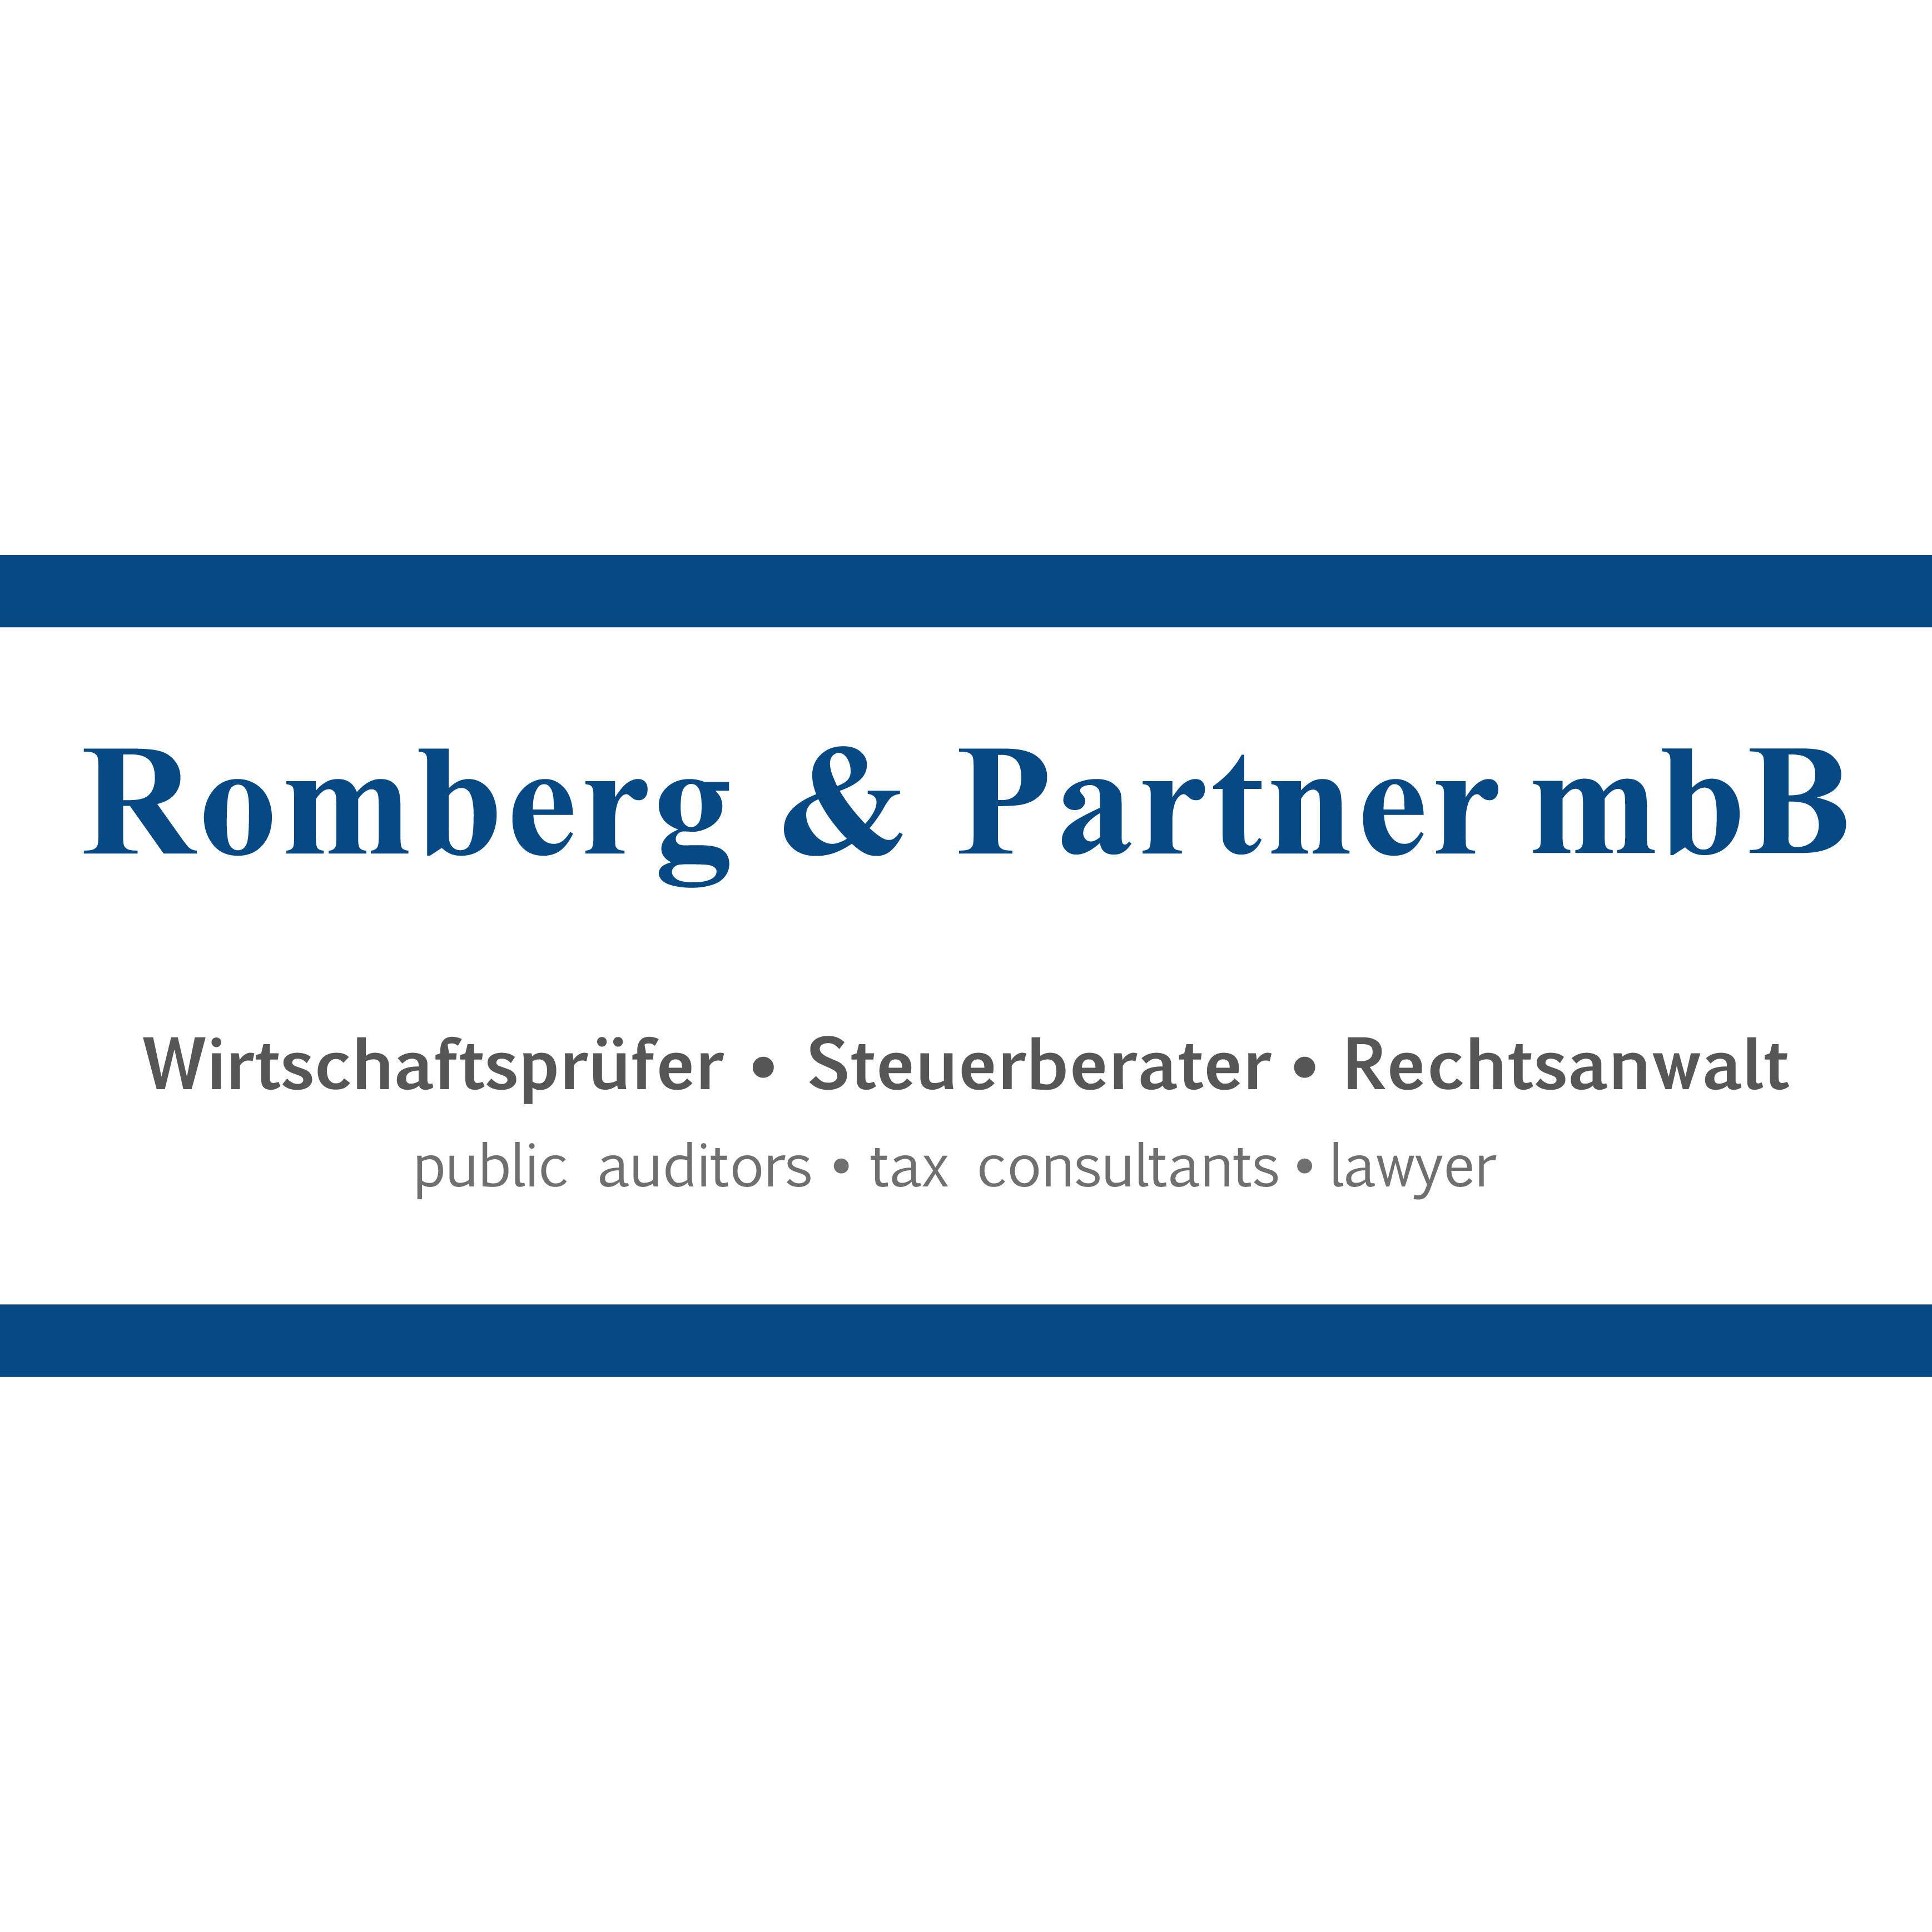 Romberg & Partner mbB